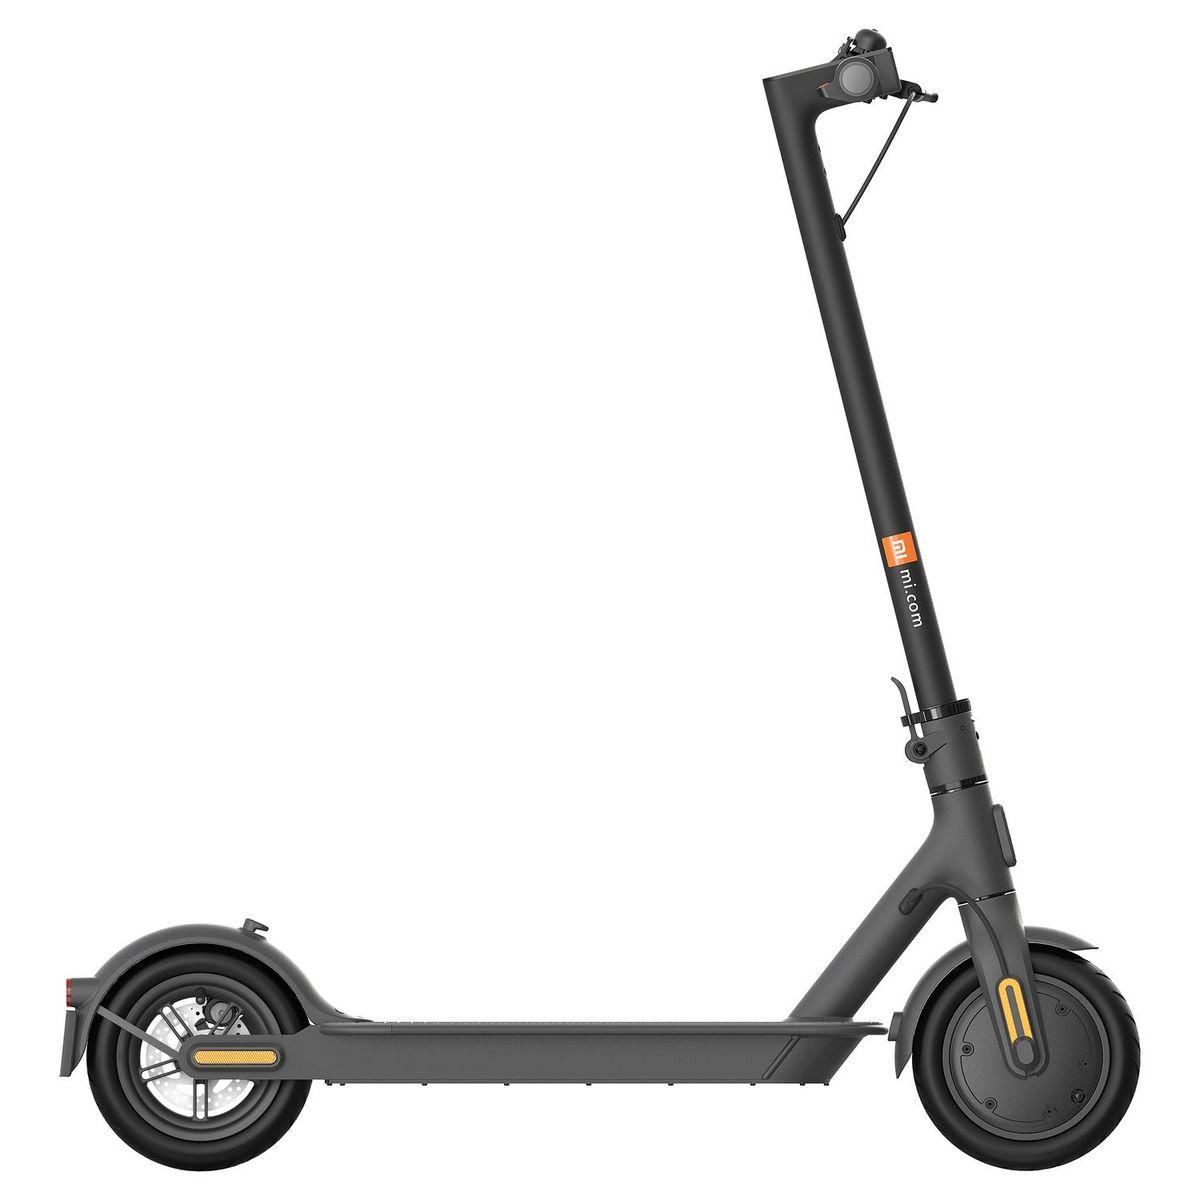 Trottinette électrique Mi Electric Scooter 1S - Gris/Jaune